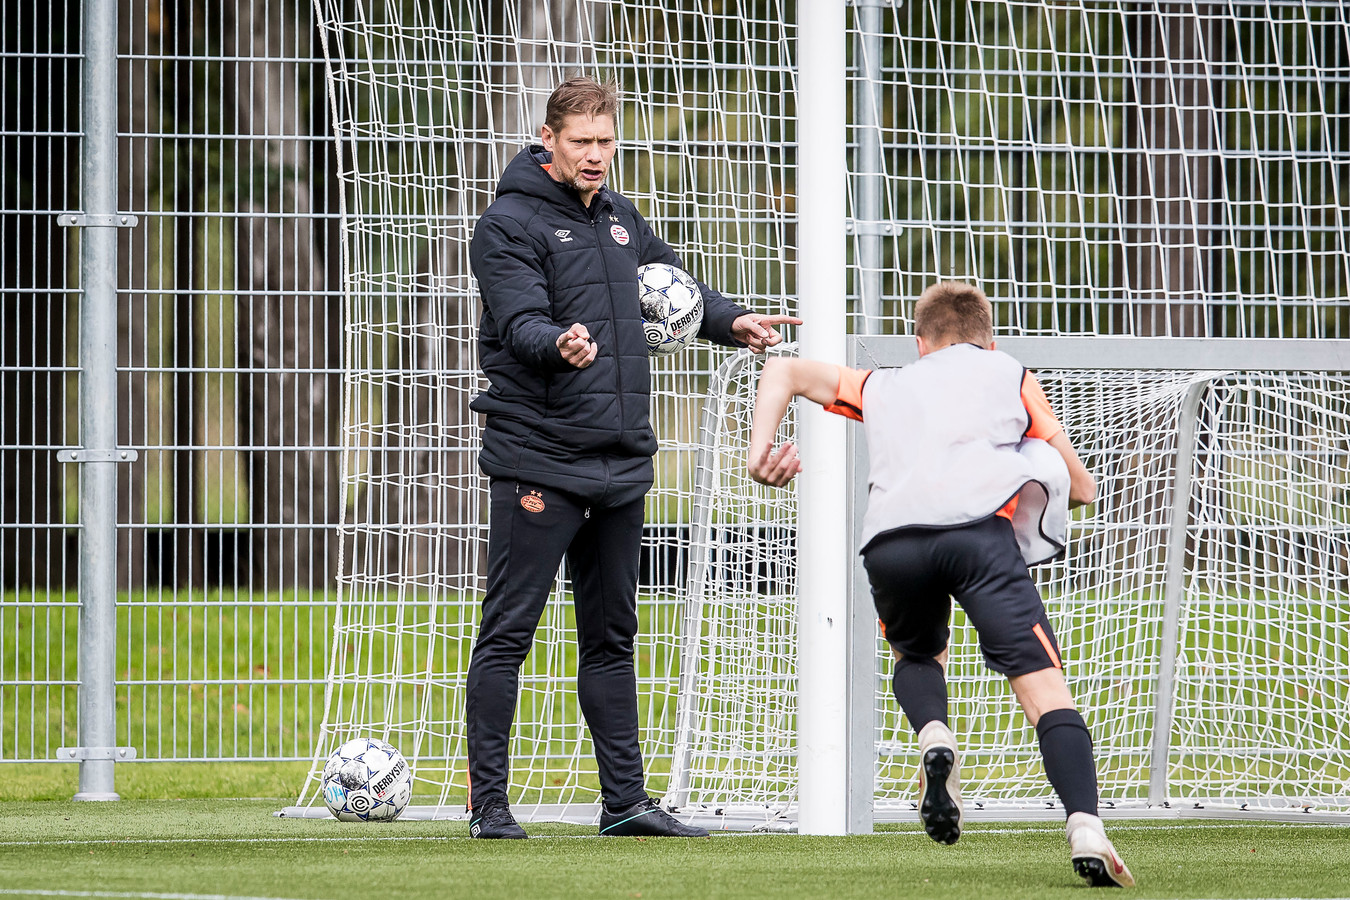 Theo Lucius inspireert een van de talenten van PSV in Eindhoven. Komend seizoen is hij trainer van PSV onder 17.